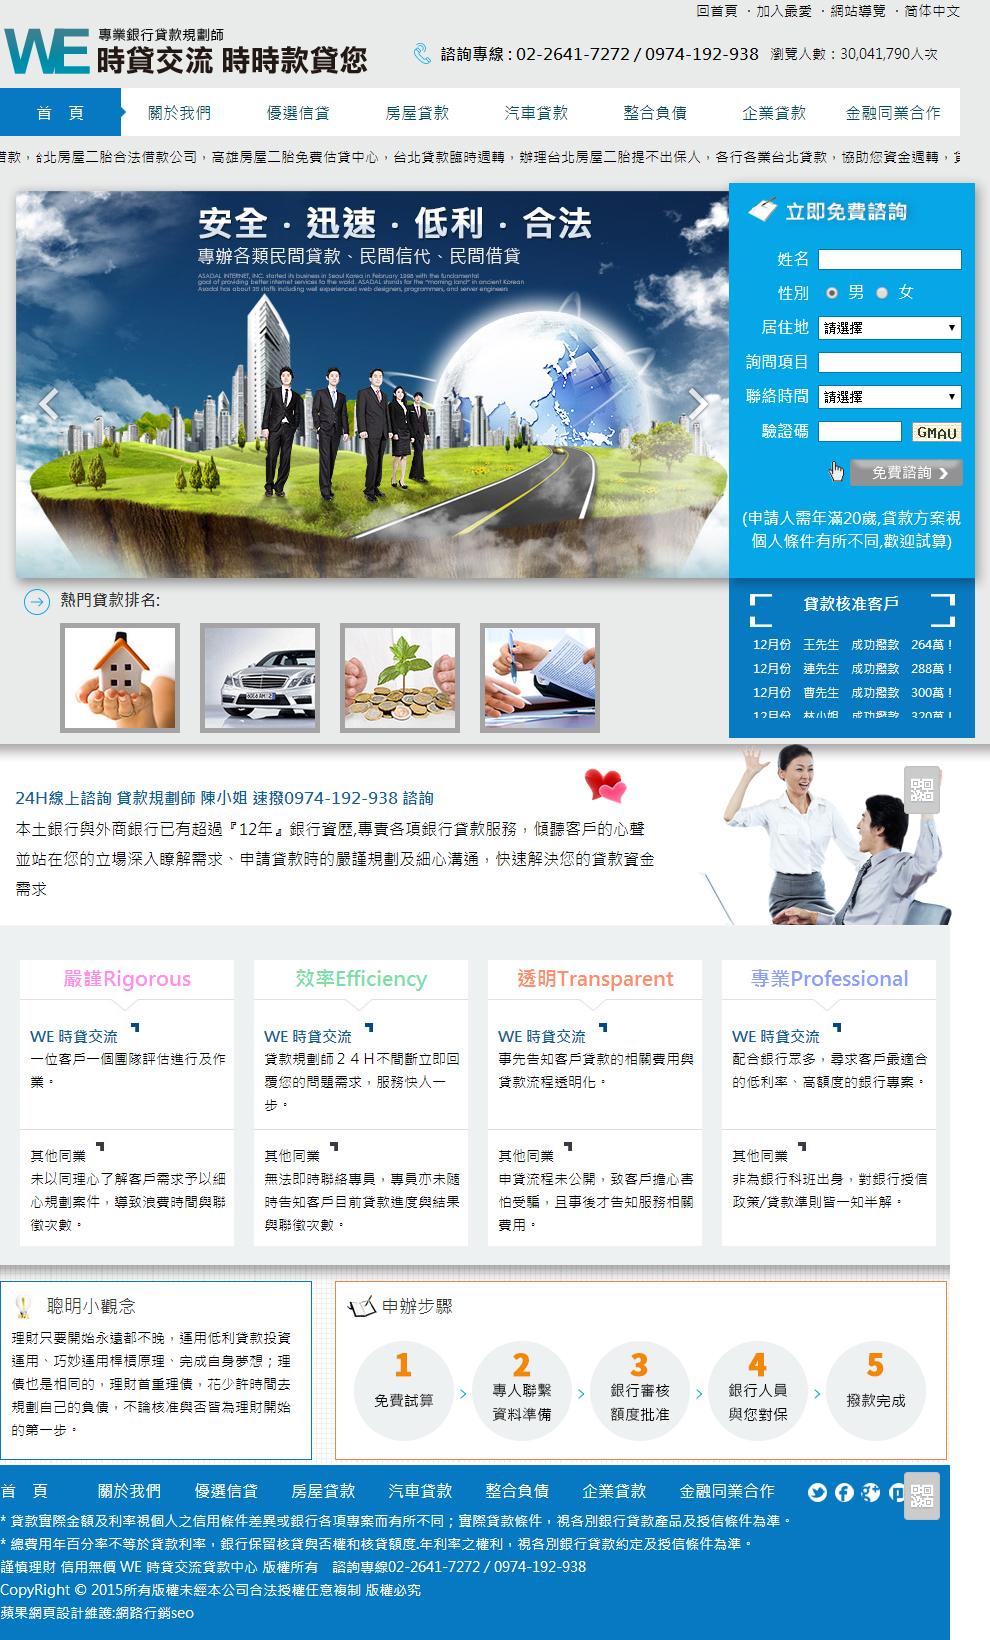 時貸交流貸款網頁設計